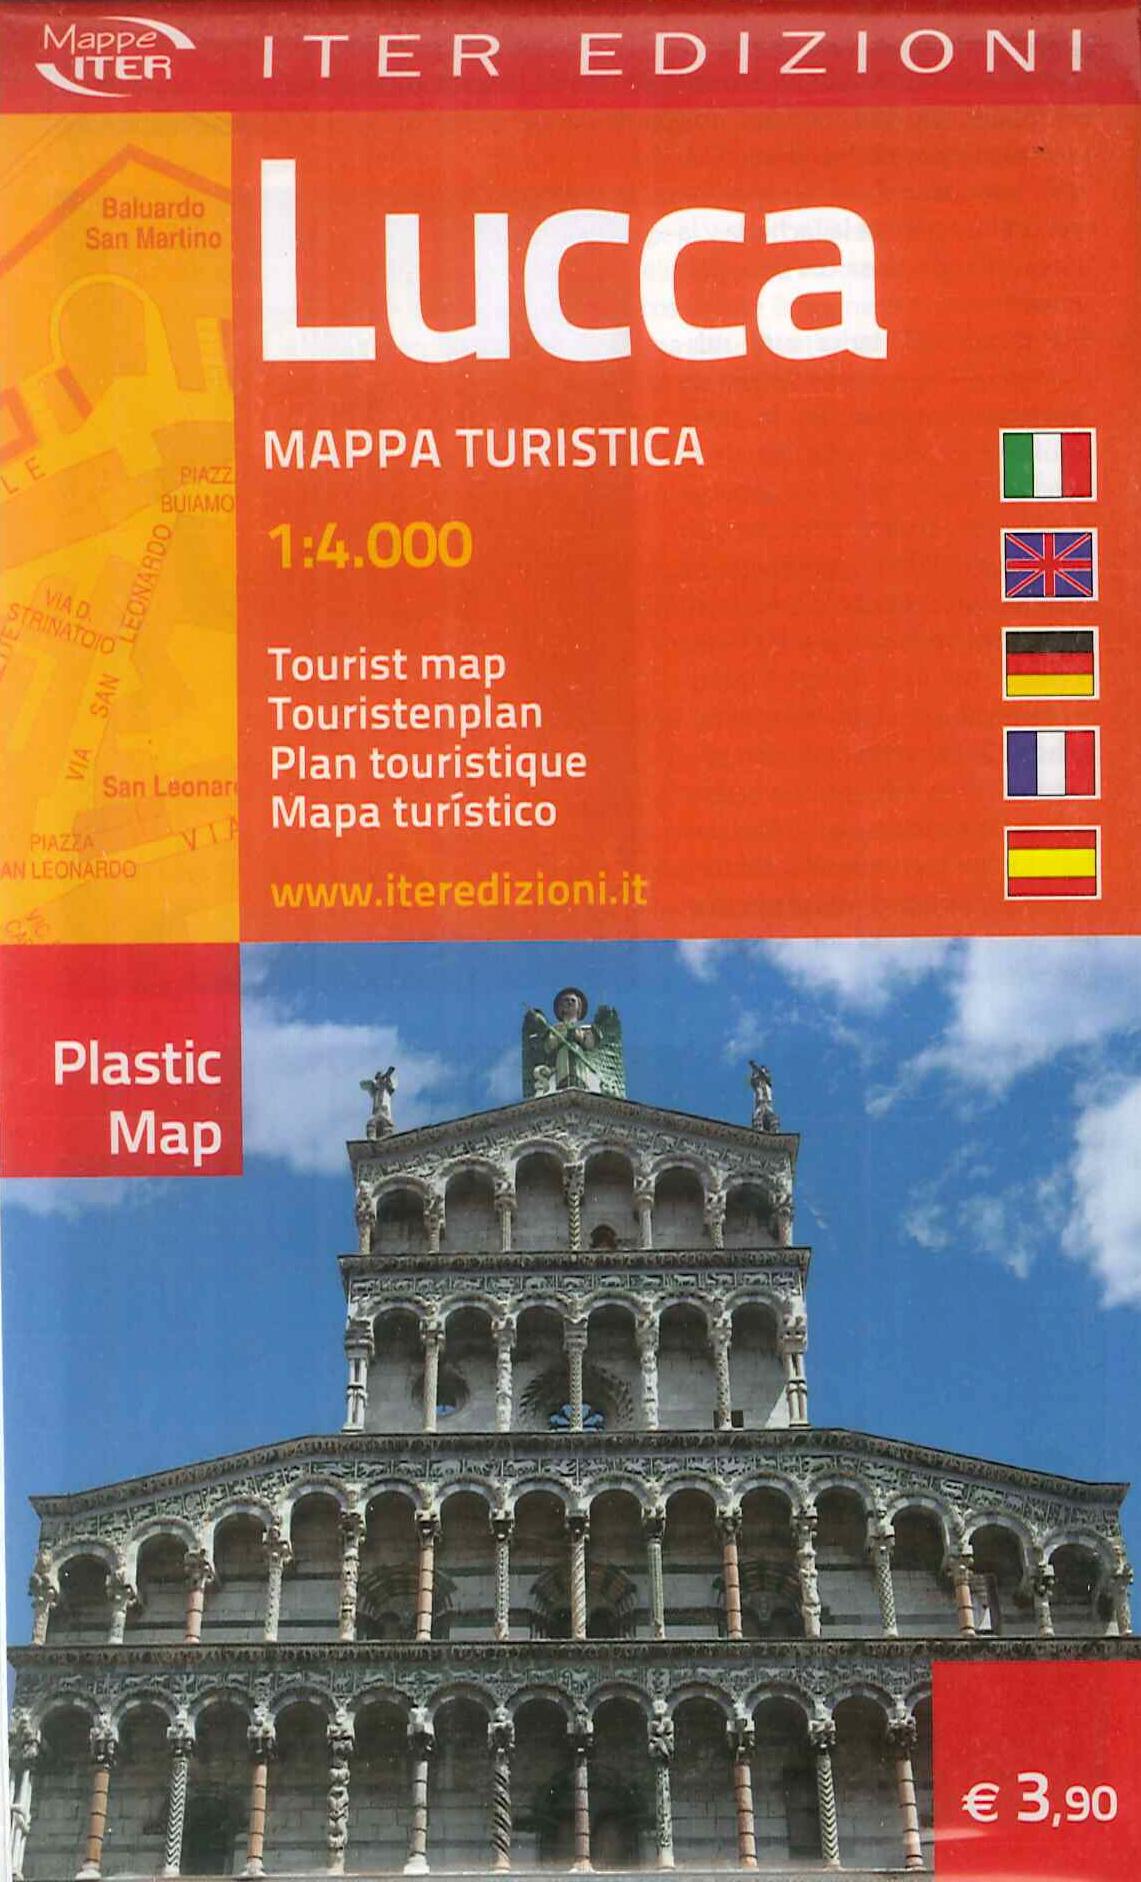 Lucca. Mappa turistica 1:4.000. Ediz. multilingue.